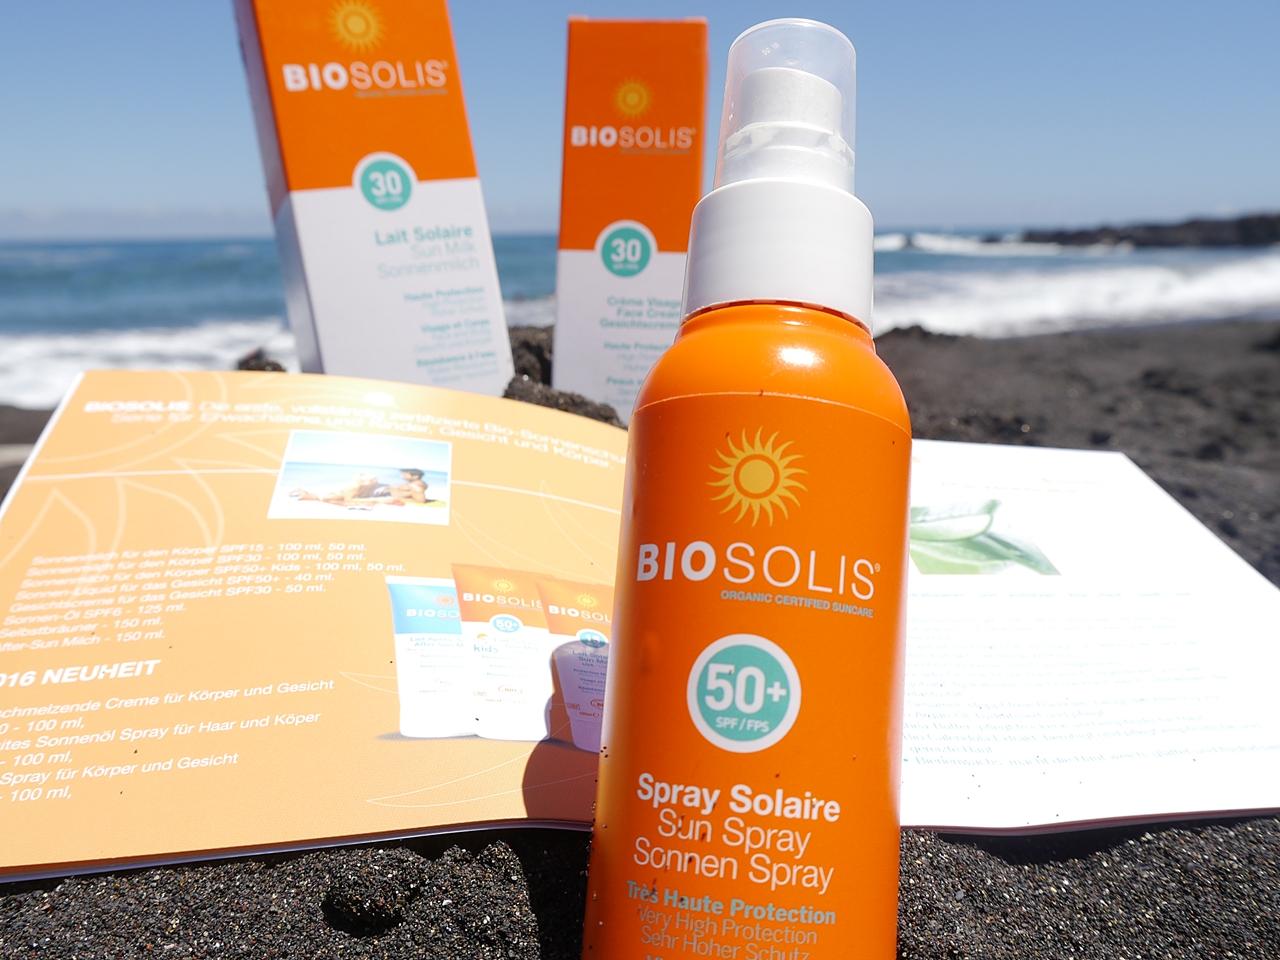 BIOSOLIS Sonnenschutz im Test bei zeitlos bezaubernd